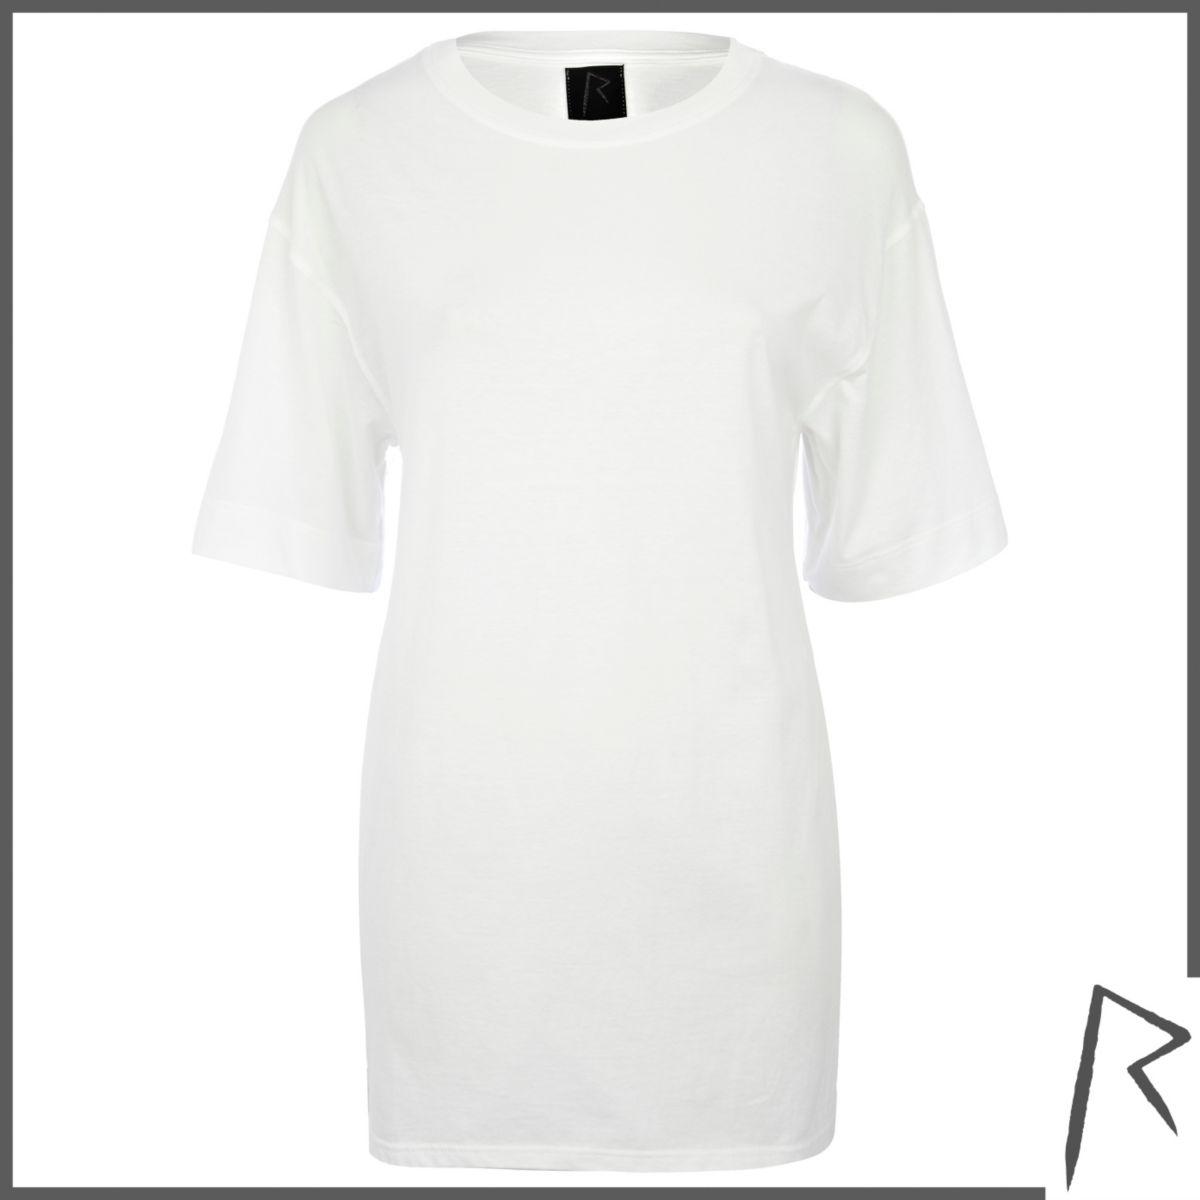 White Rihanna side split oversized t-shirt